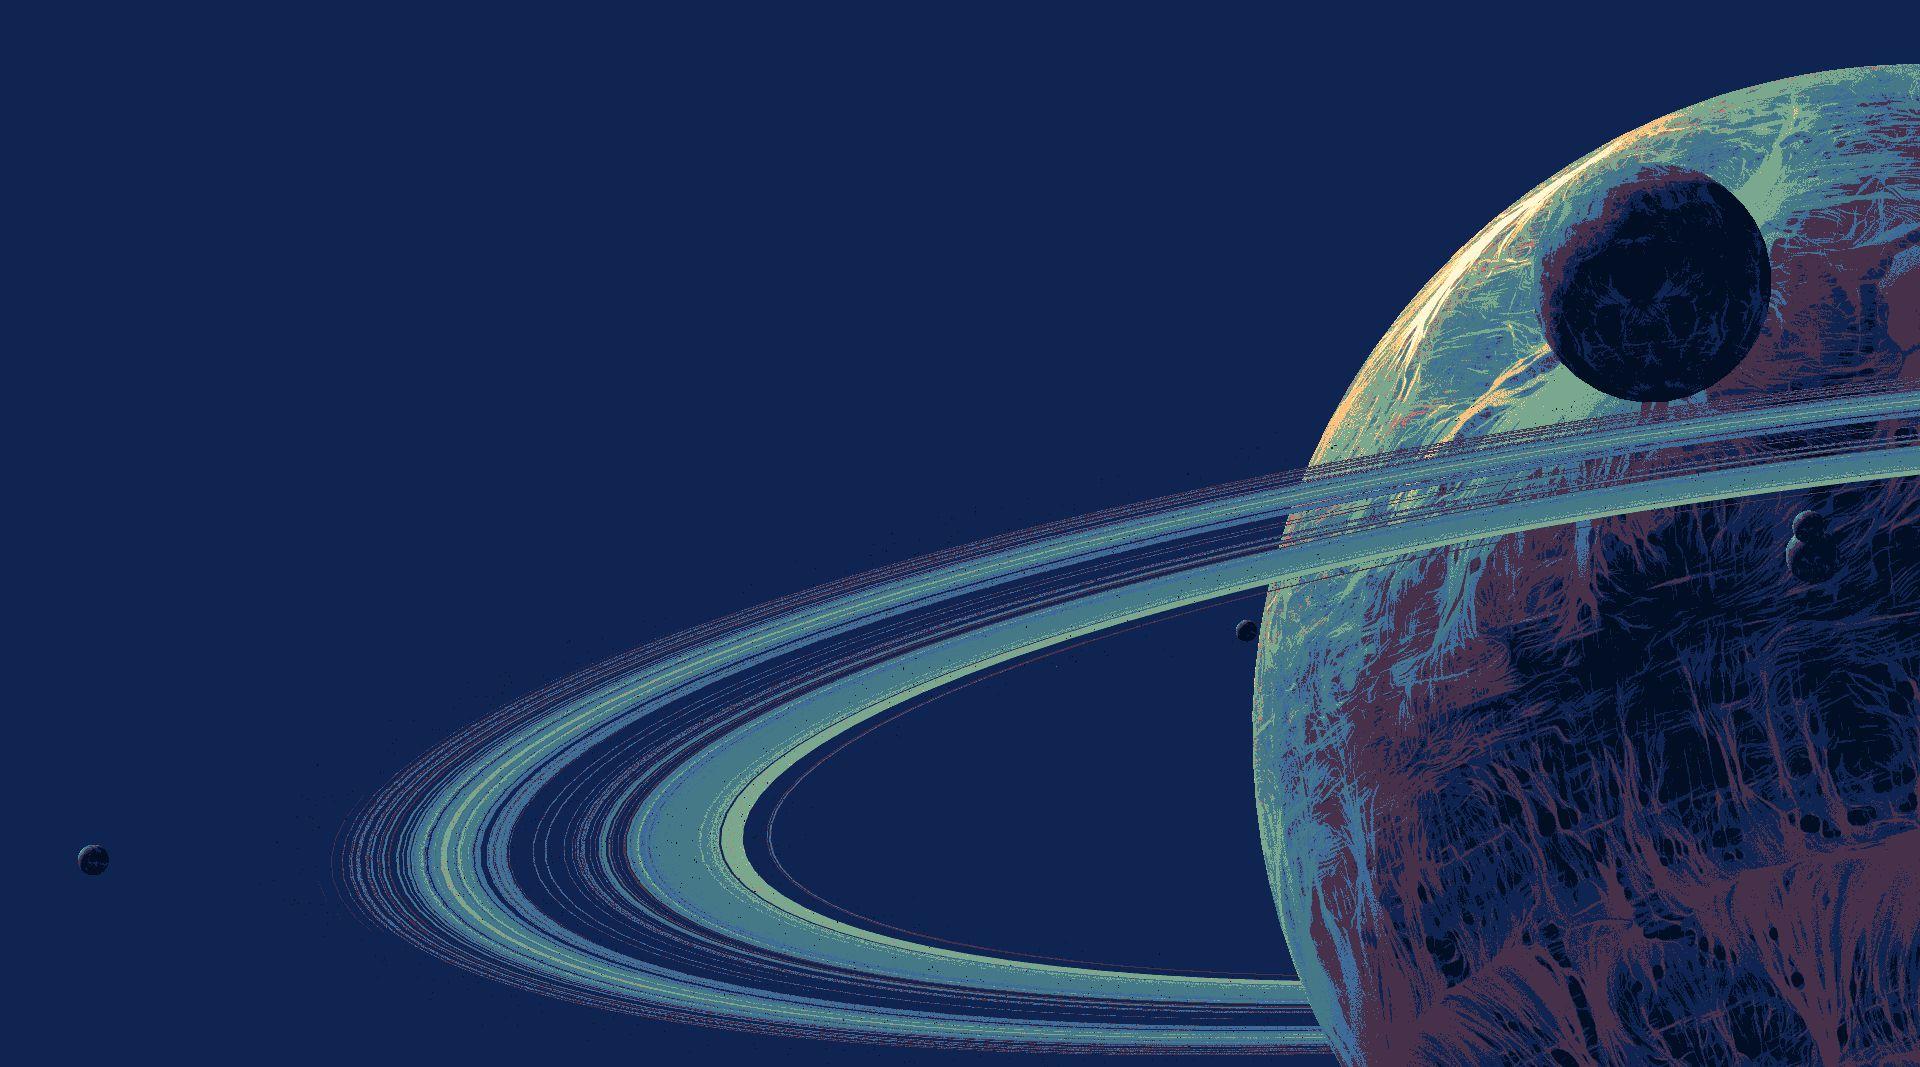 Space_3.jpg